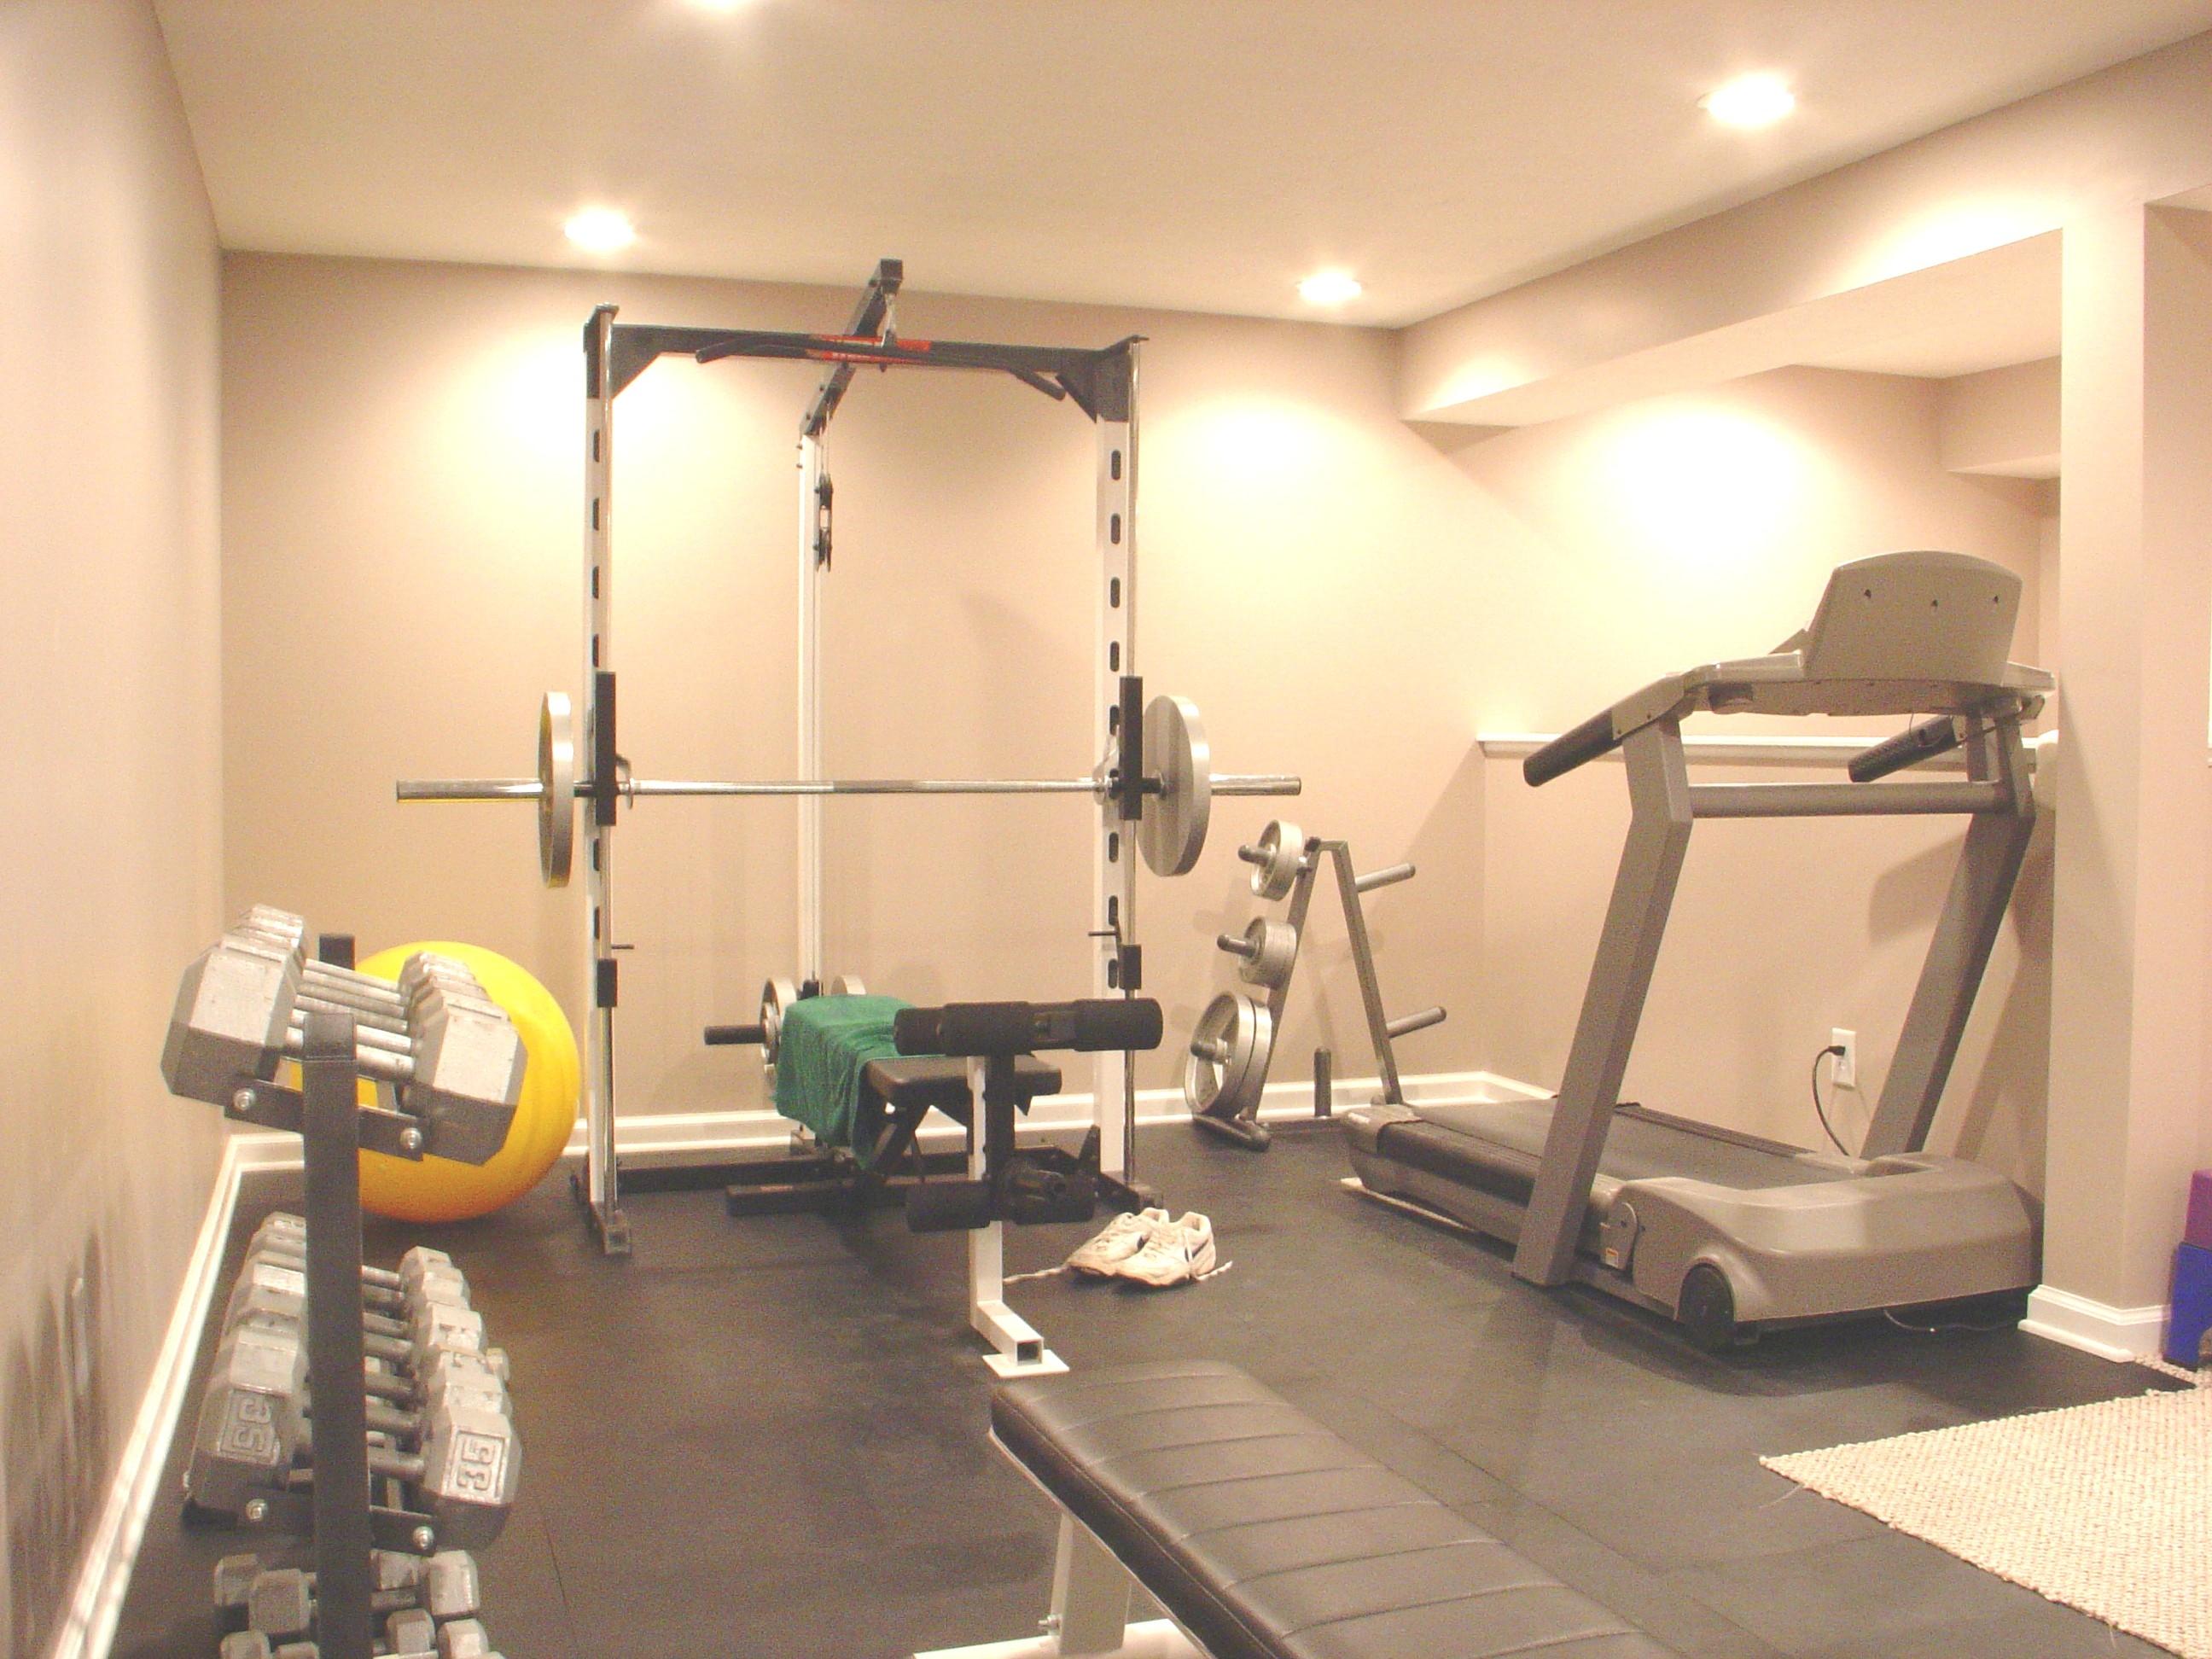 Best Lighting For Basement Gym